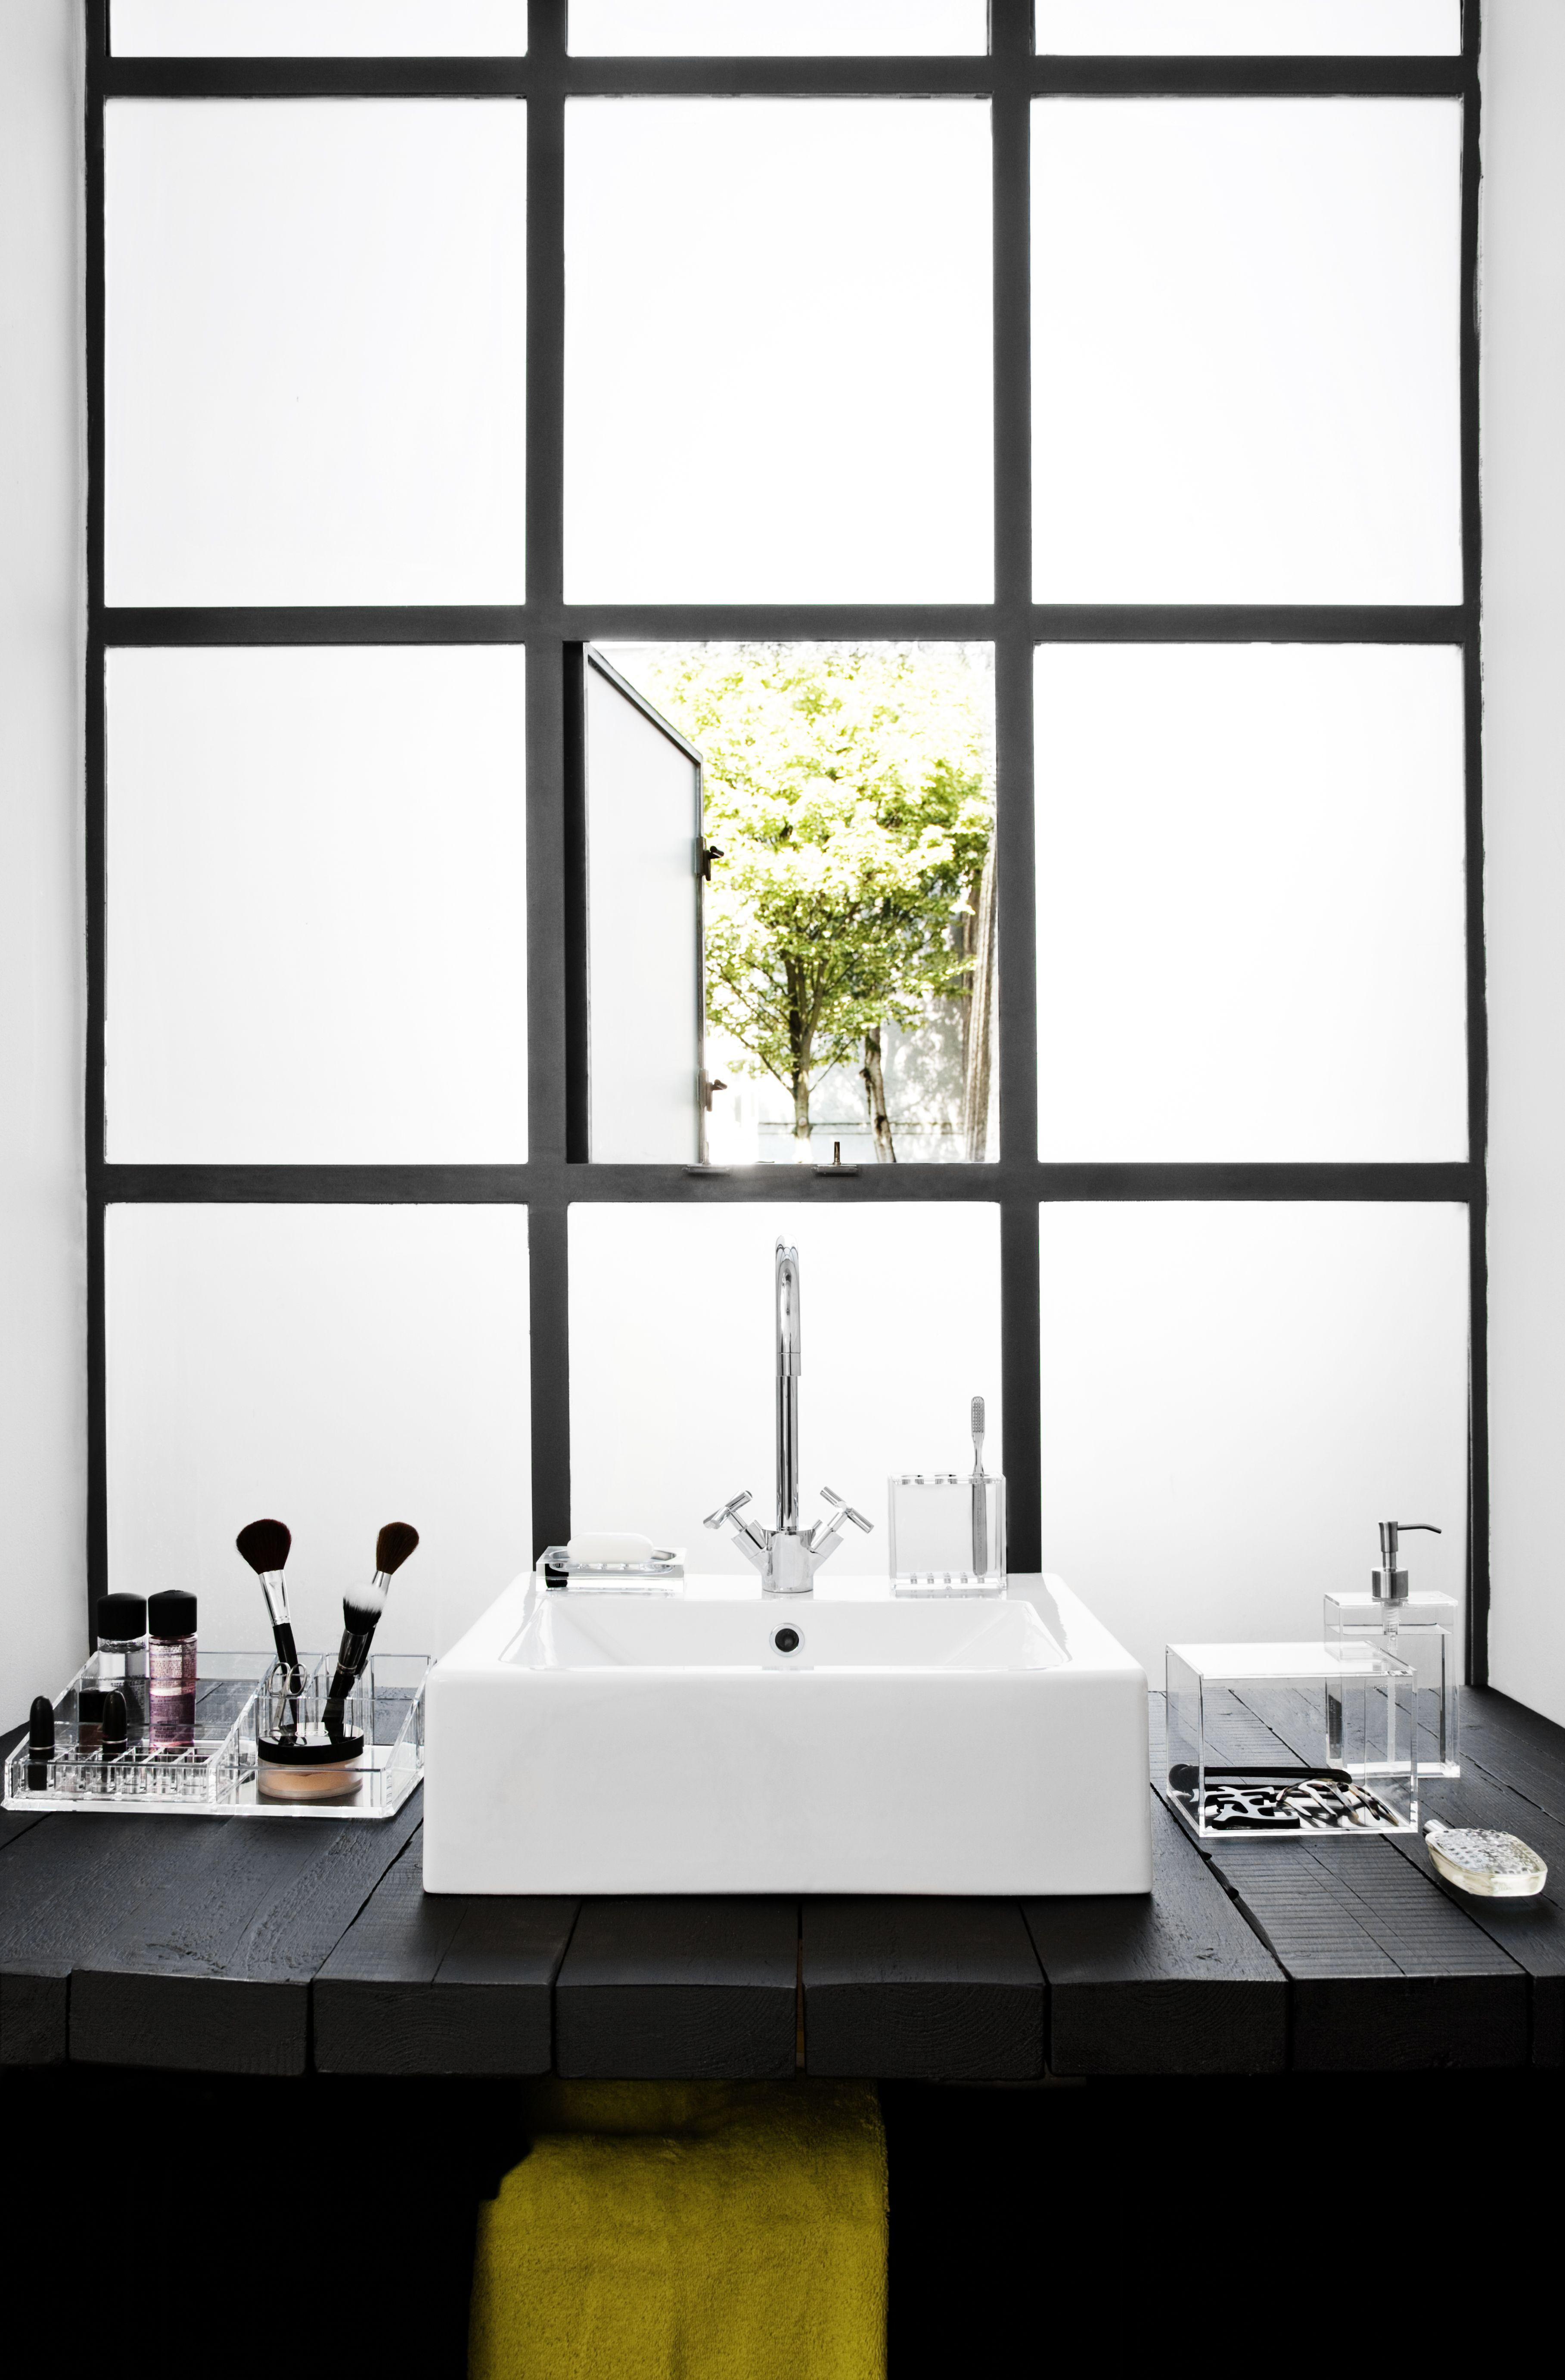 Uns zu hause innenarchitektur nomess bathroom  b a t h r o o m  pinterest  badezimmer bad und